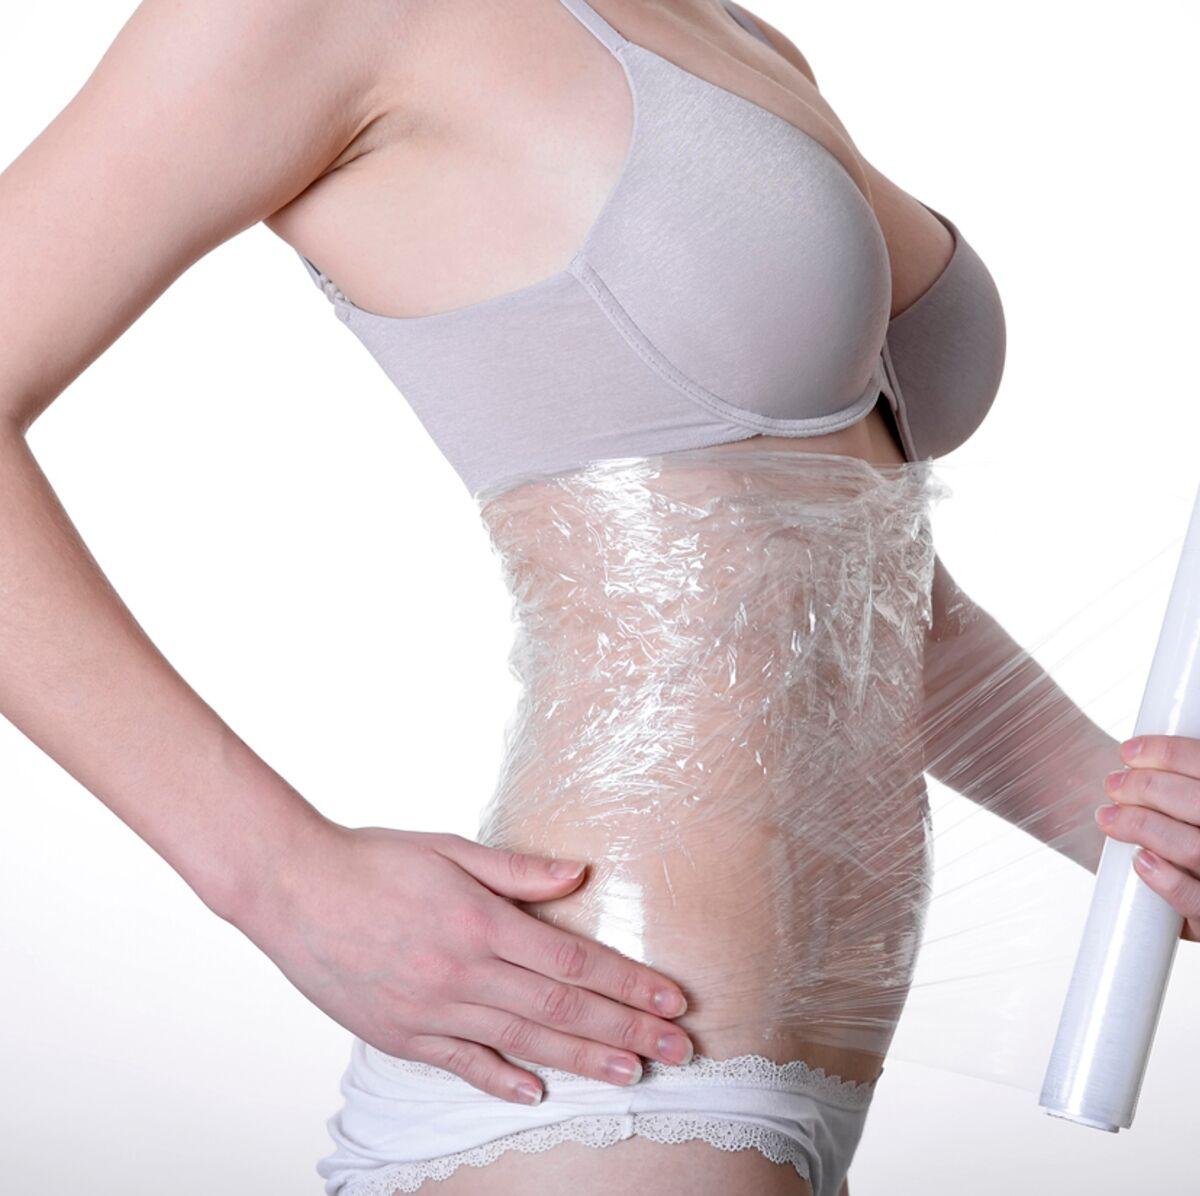 11 meilleures idées sur Enveloppements du corps | enveloppements du corps, santé beauté, santé